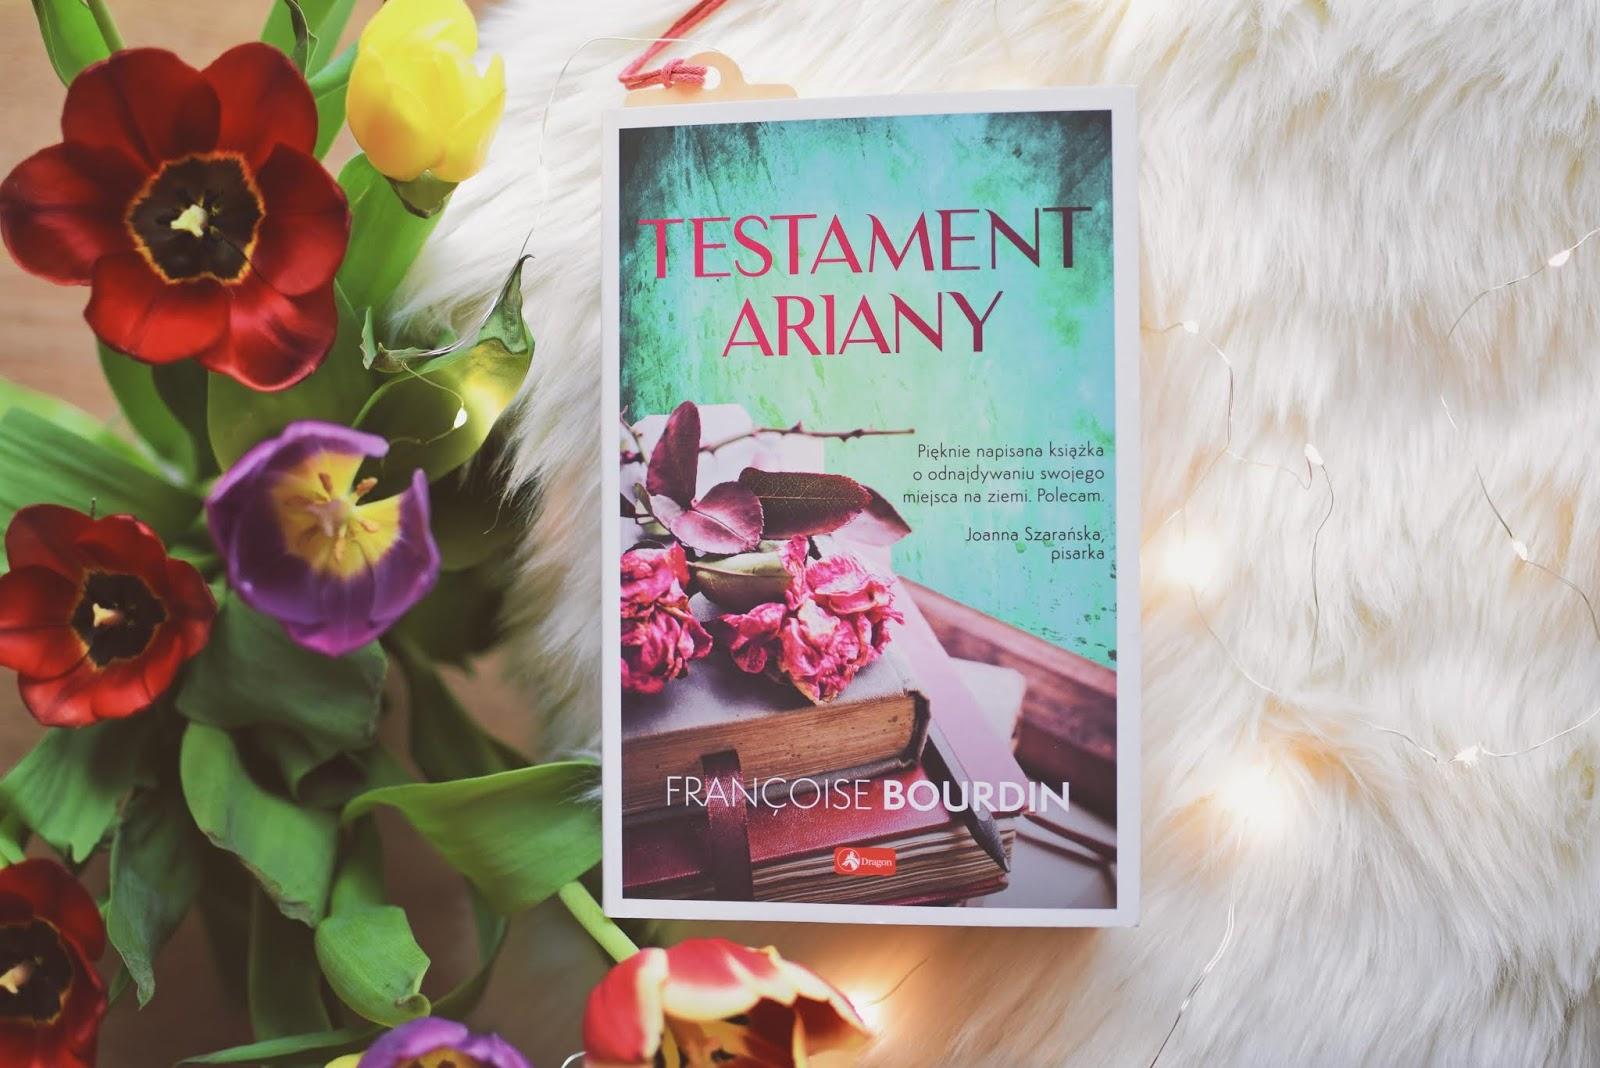 TestamentAriany, OgródLorenza, WydawnictwoDragon, FrancoiseBourdin, powieśćobyczajowa, opowiadanie, recenzja, Francja, spadek, testament,